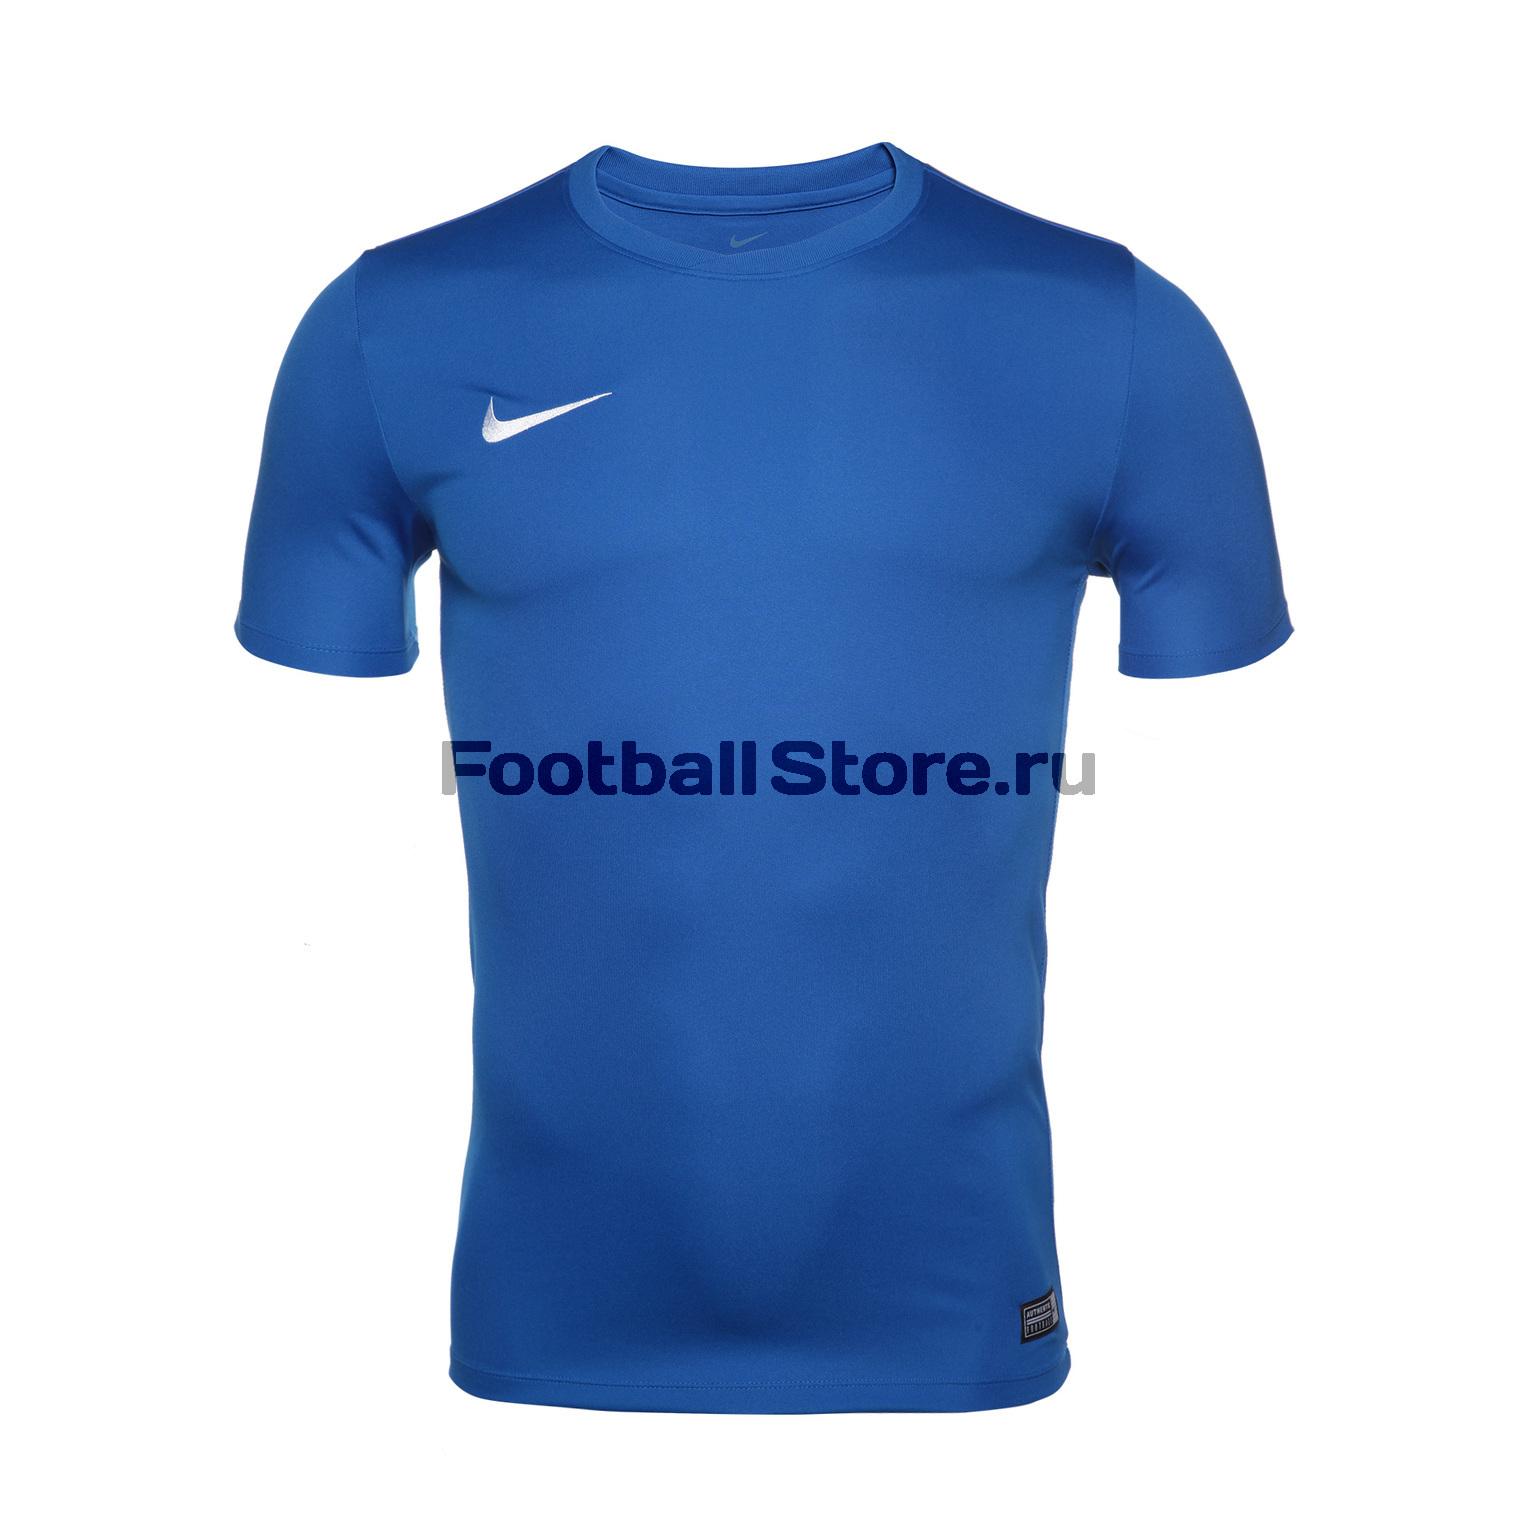 Футболки Nike Футболка Nike Park VI JSY 725891-463 игровая форма nike футболка детская nike ss precision iii jsy boys 645918 410